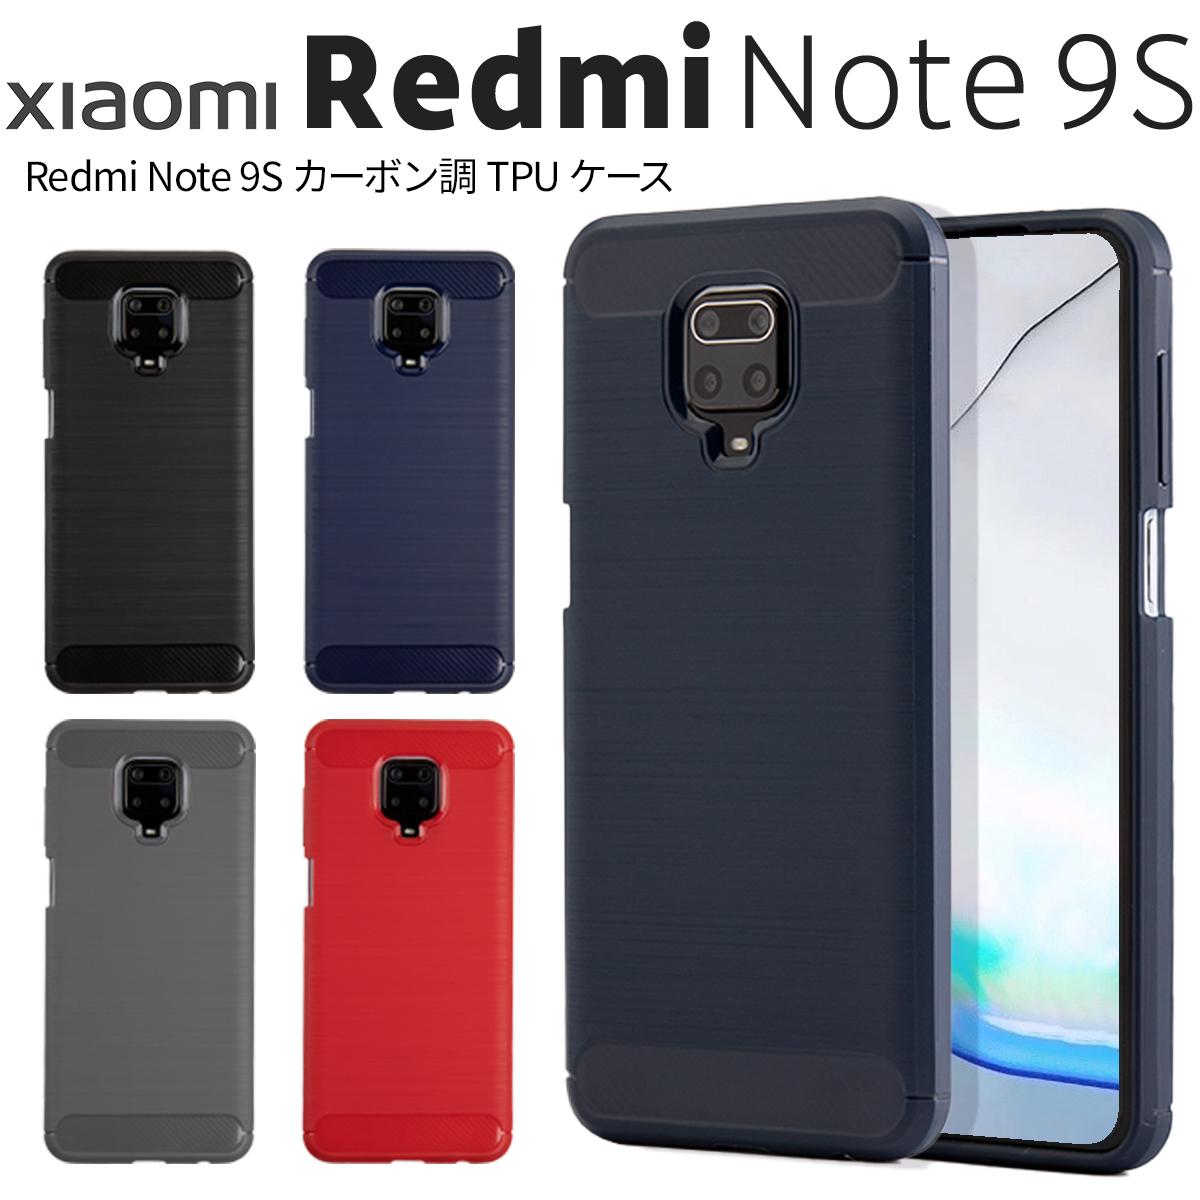 メール便送料無料 Redmi Note 9S カーボン調TPUケース スマホケース 韓国 スマホ 誕生日/お祝い 入手困難 ケース カバー スマホカバー 耐久 かっこいい Xiaomi 背面カバー アンドロイド 耐衝撃 丈夫 シャオミ スタイリッシュ シンプル